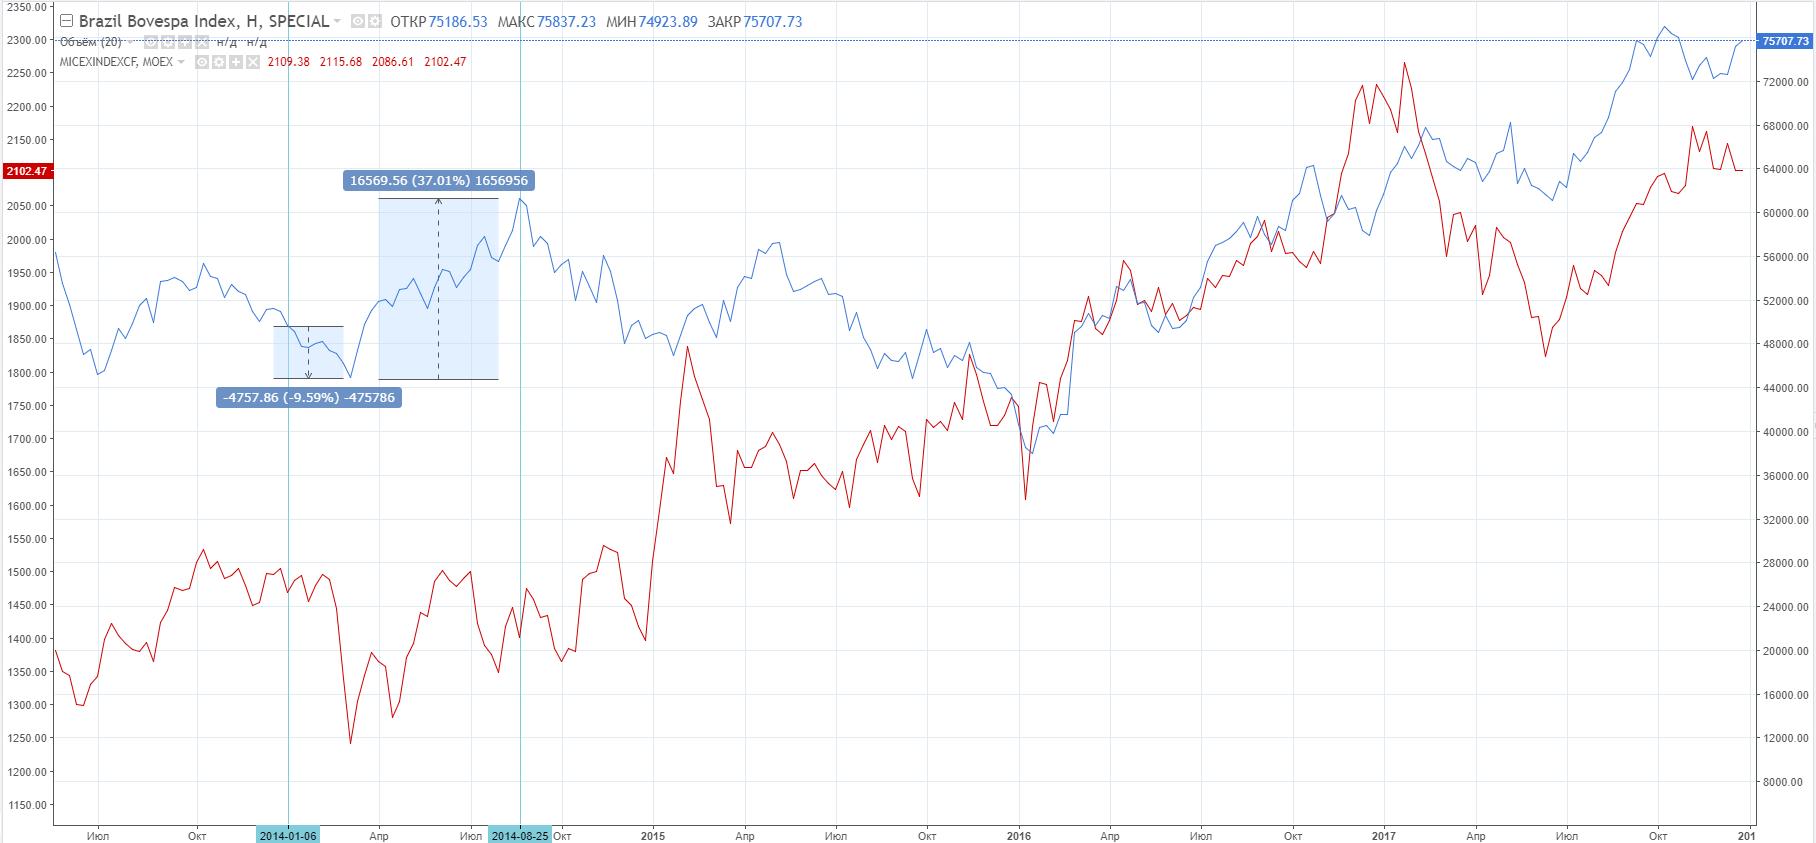 Сравнительная динамика индексов BOVESPA (синяя линия) и MICEX (красная линия), таймфрейм недельный